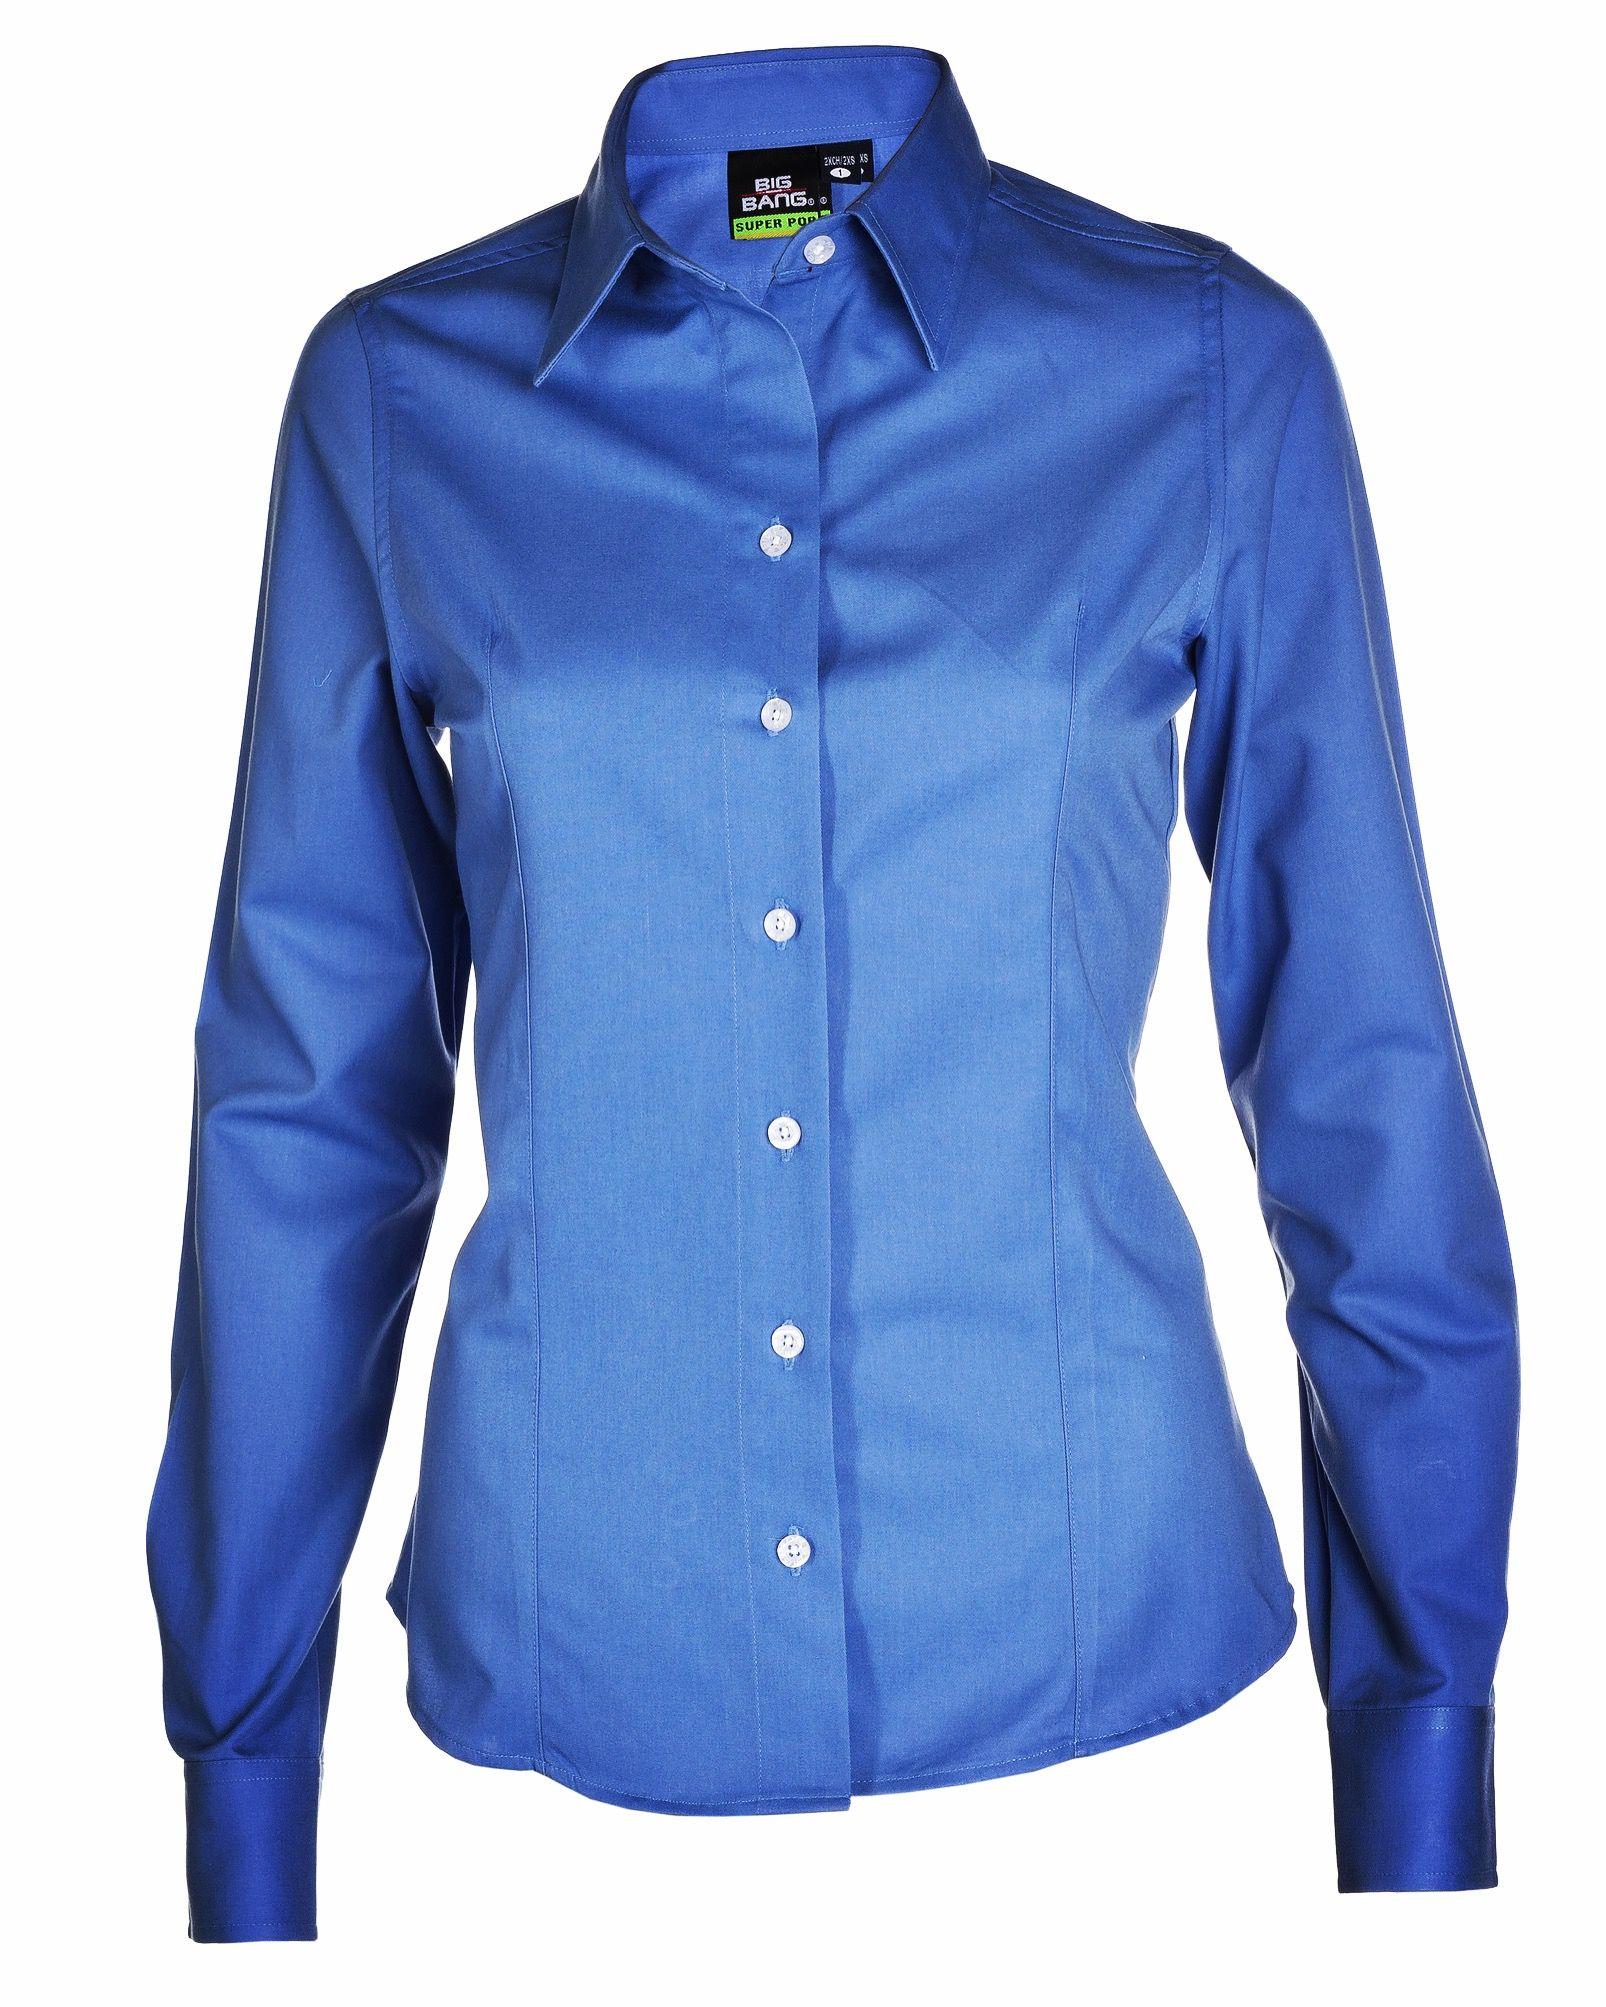 ditexa  bigbang  playeras  camisas  uniformes  morado  purple  bordado   aguascalientes  mexico  069fc78bfaec4